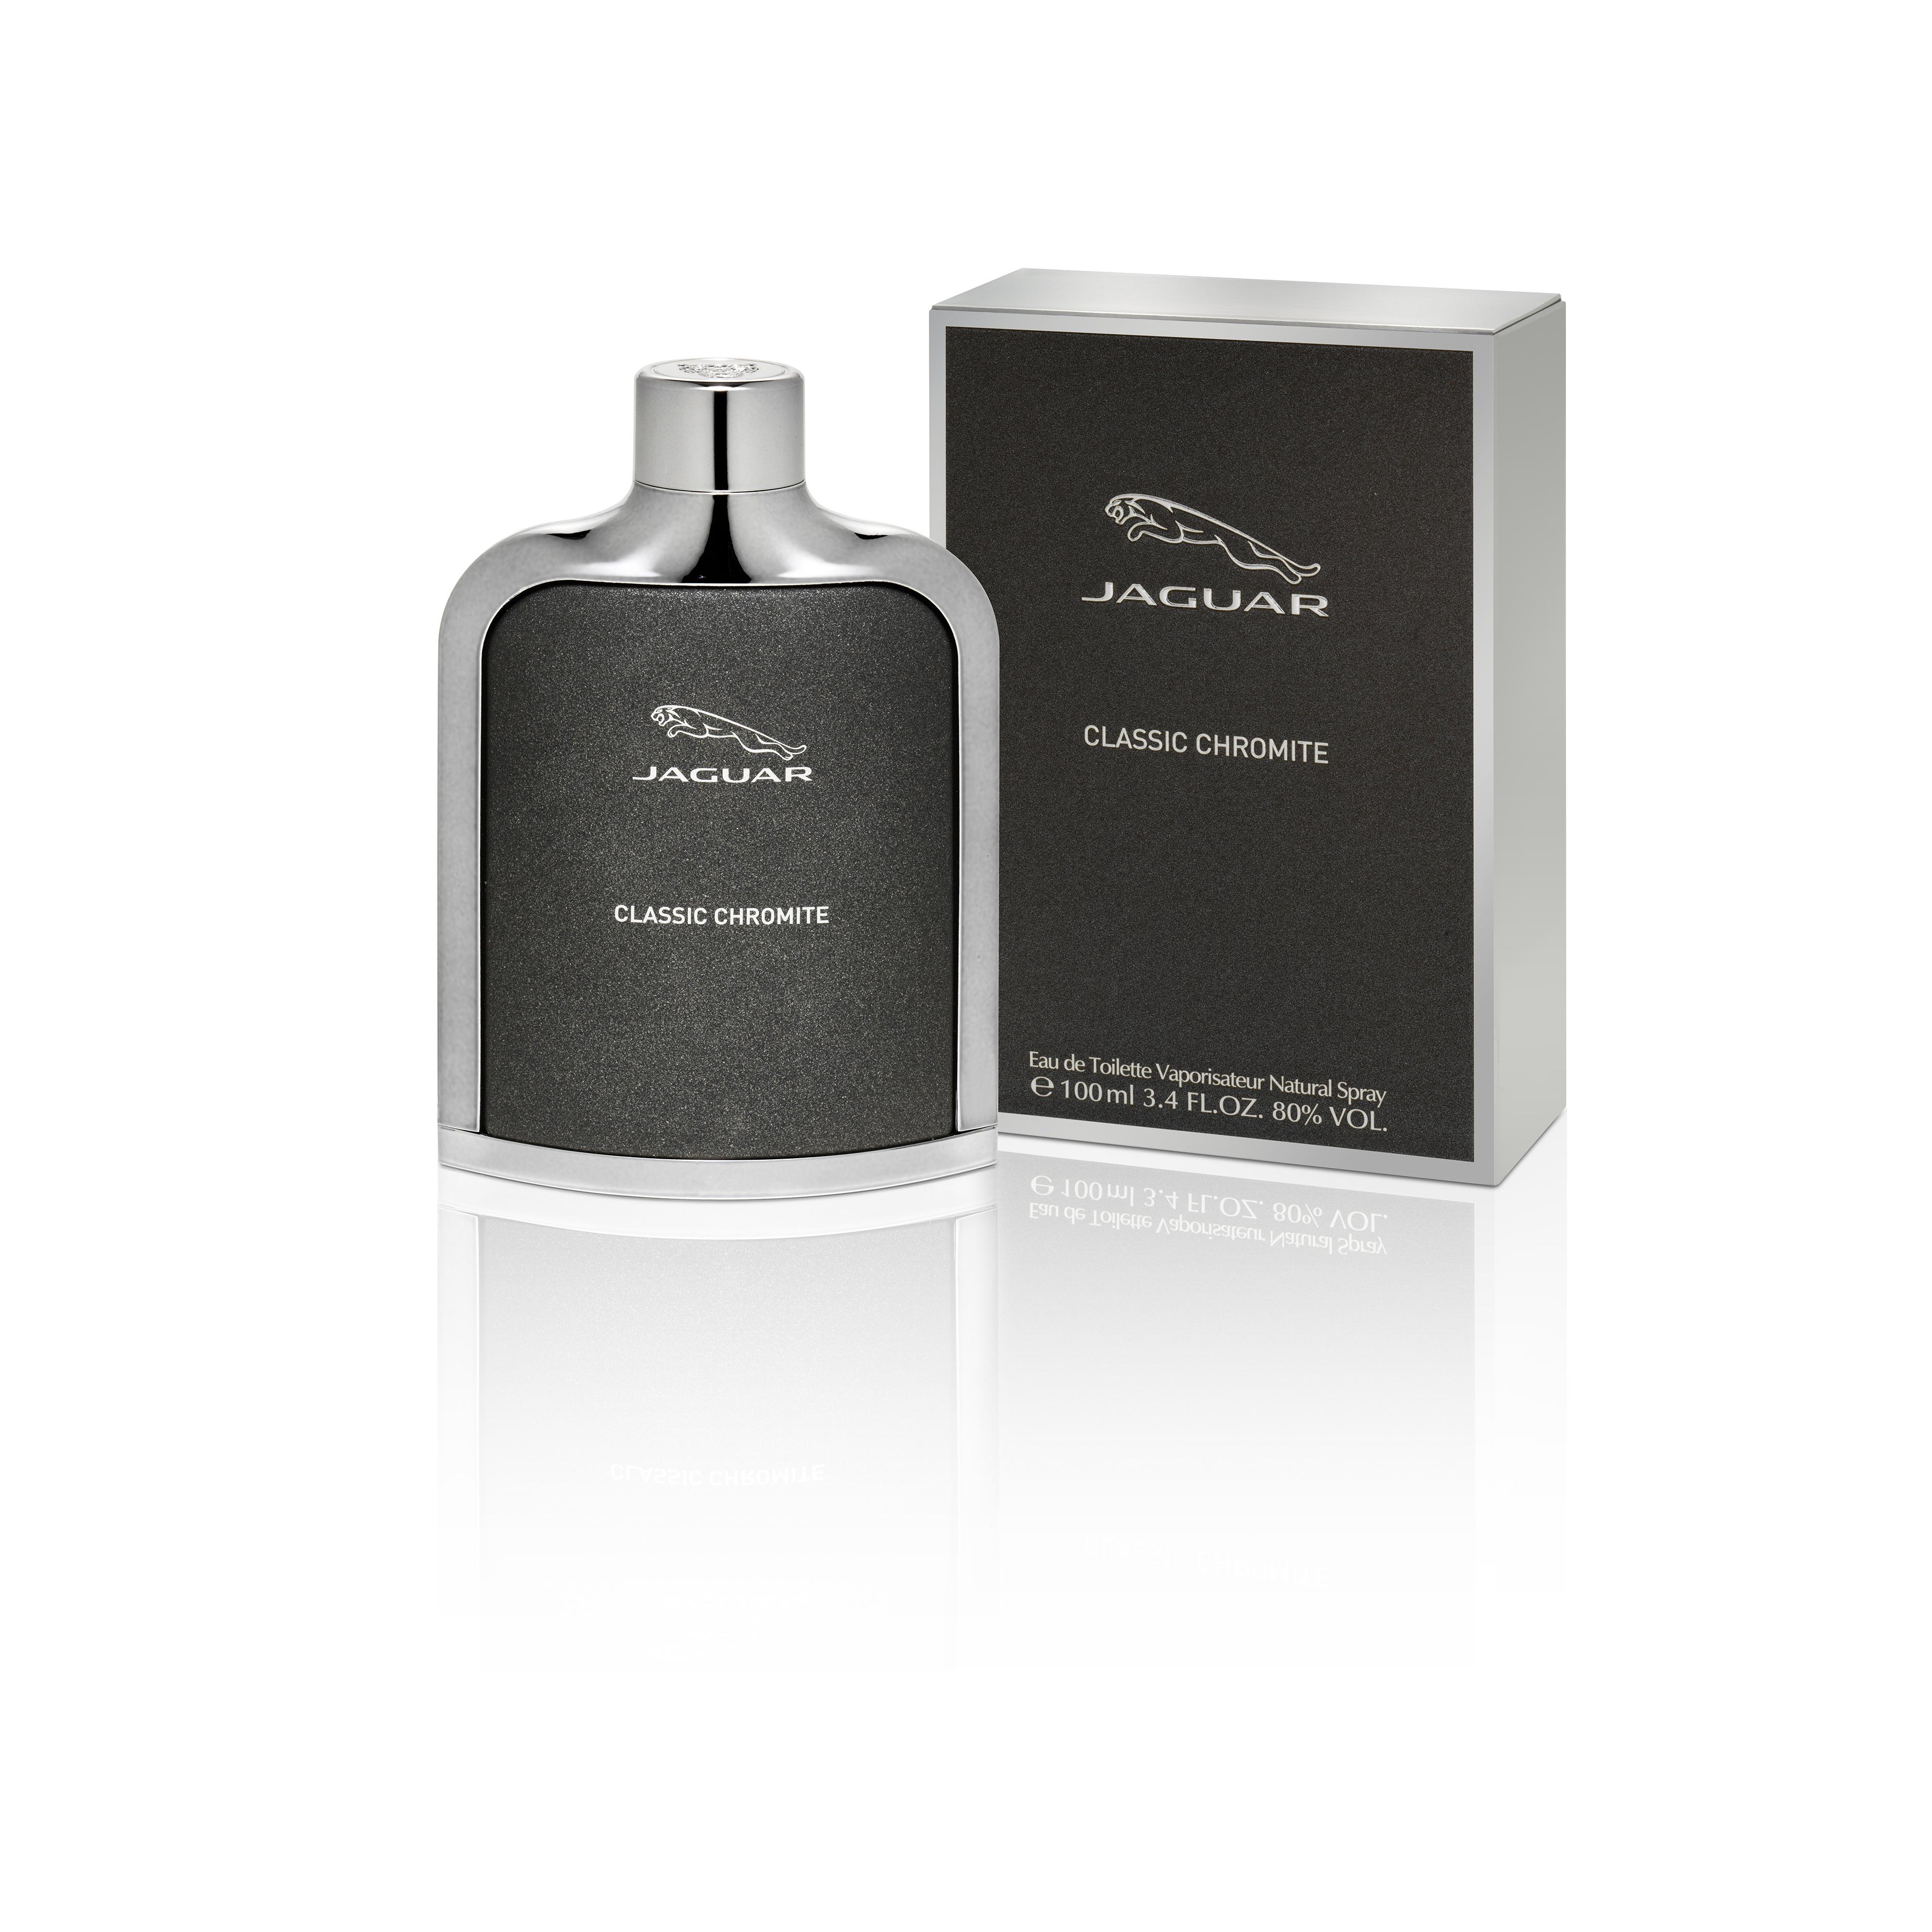 chromite jaguar fragrances. Black Bedroom Furniture Sets. Home Design Ideas